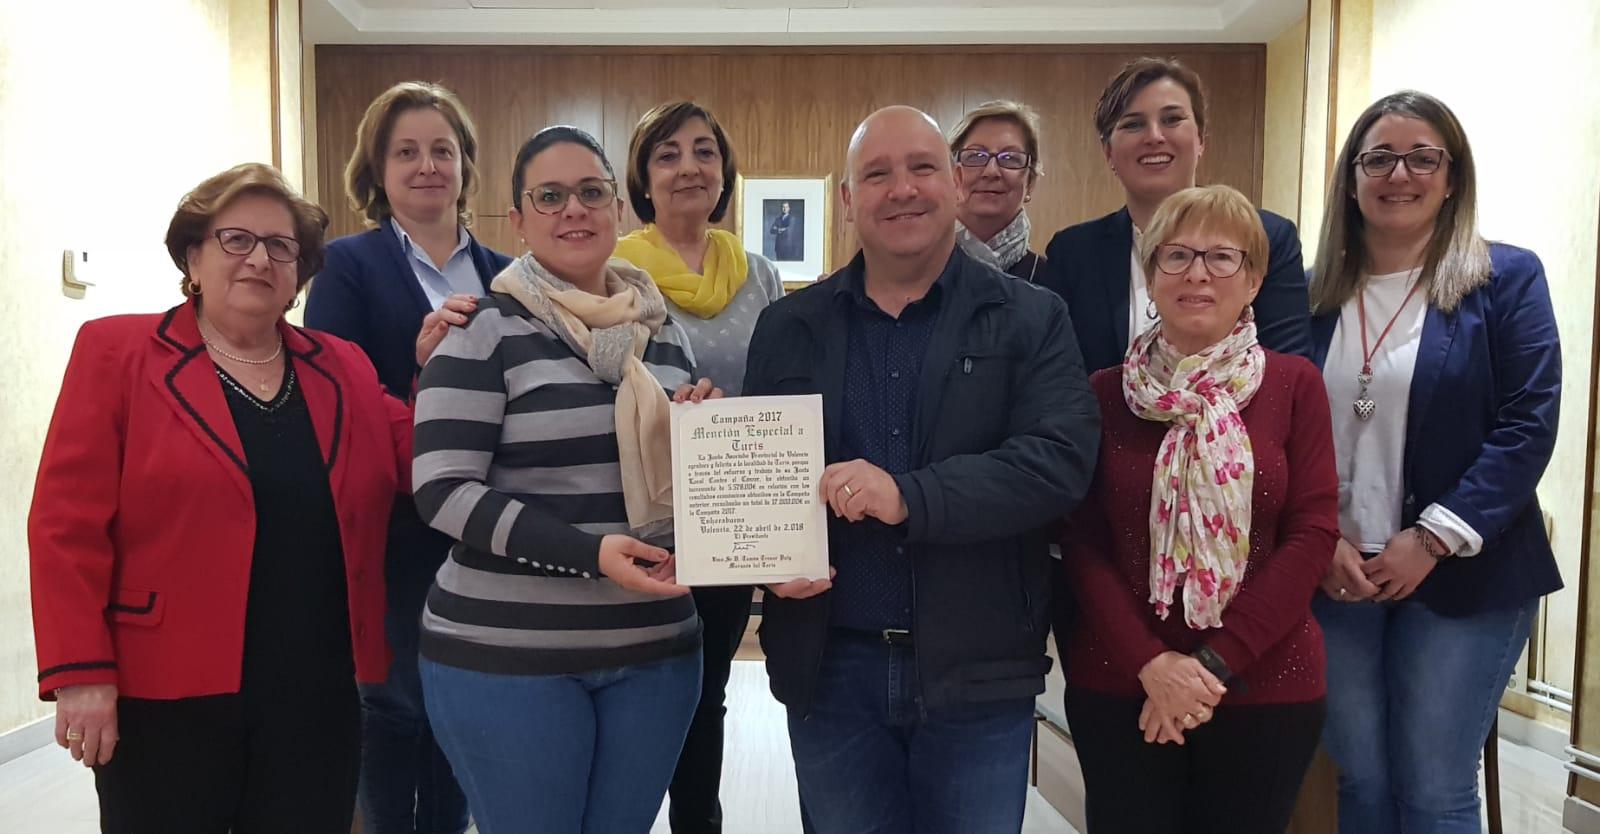 L'Alcalde, Eugenio Fortaña, i la regidora de Benestar Social, Núria Montero amb les integrantes de la associació.